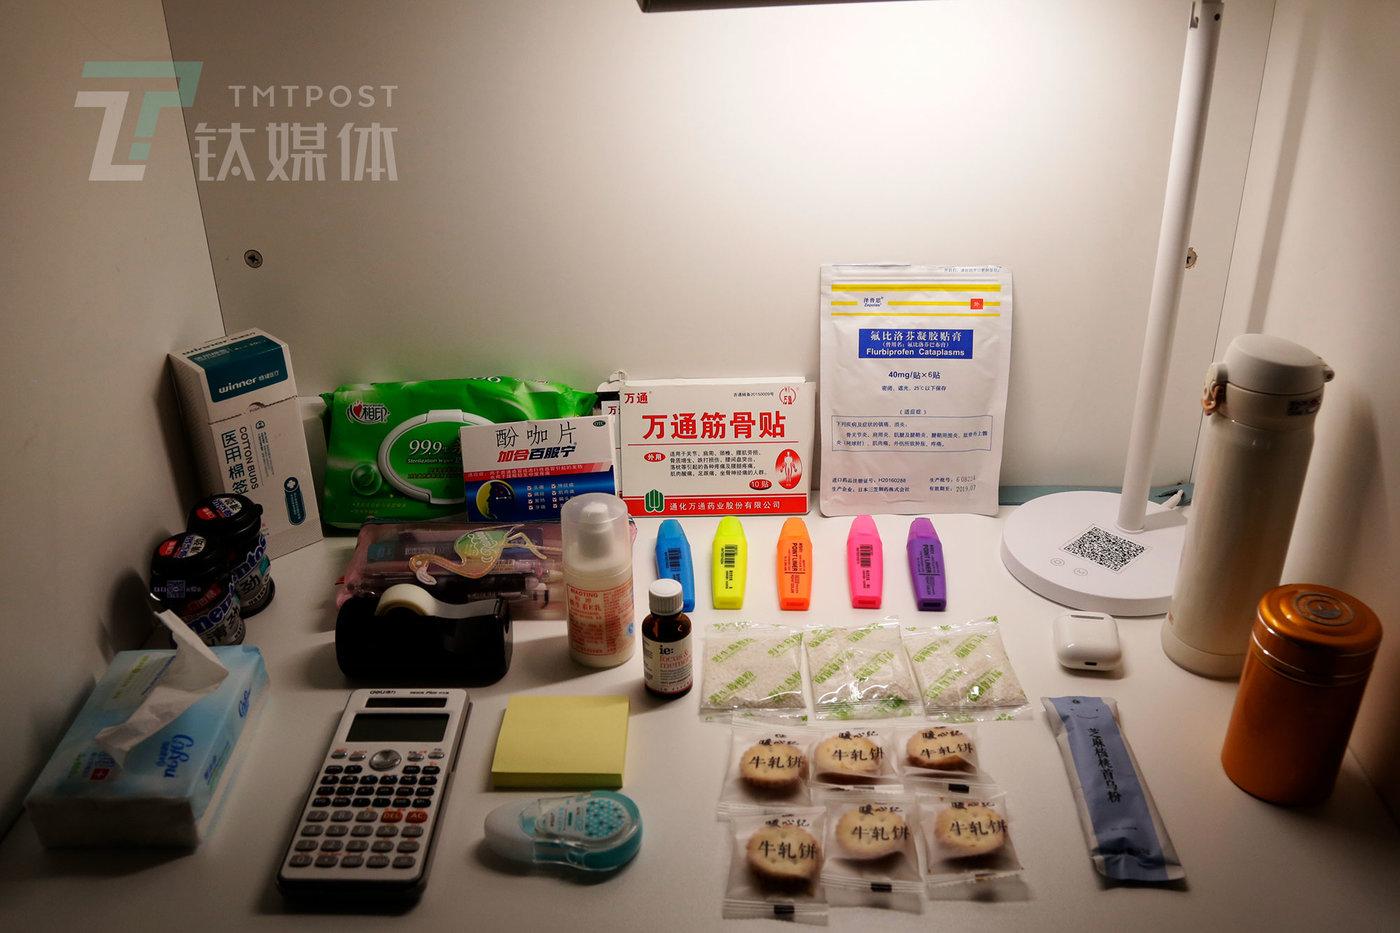 """小骨带到自习室的""""家当"""":牛轧糖、涂改液、茶叶、水杯、计算器、筋骨贴等。"""